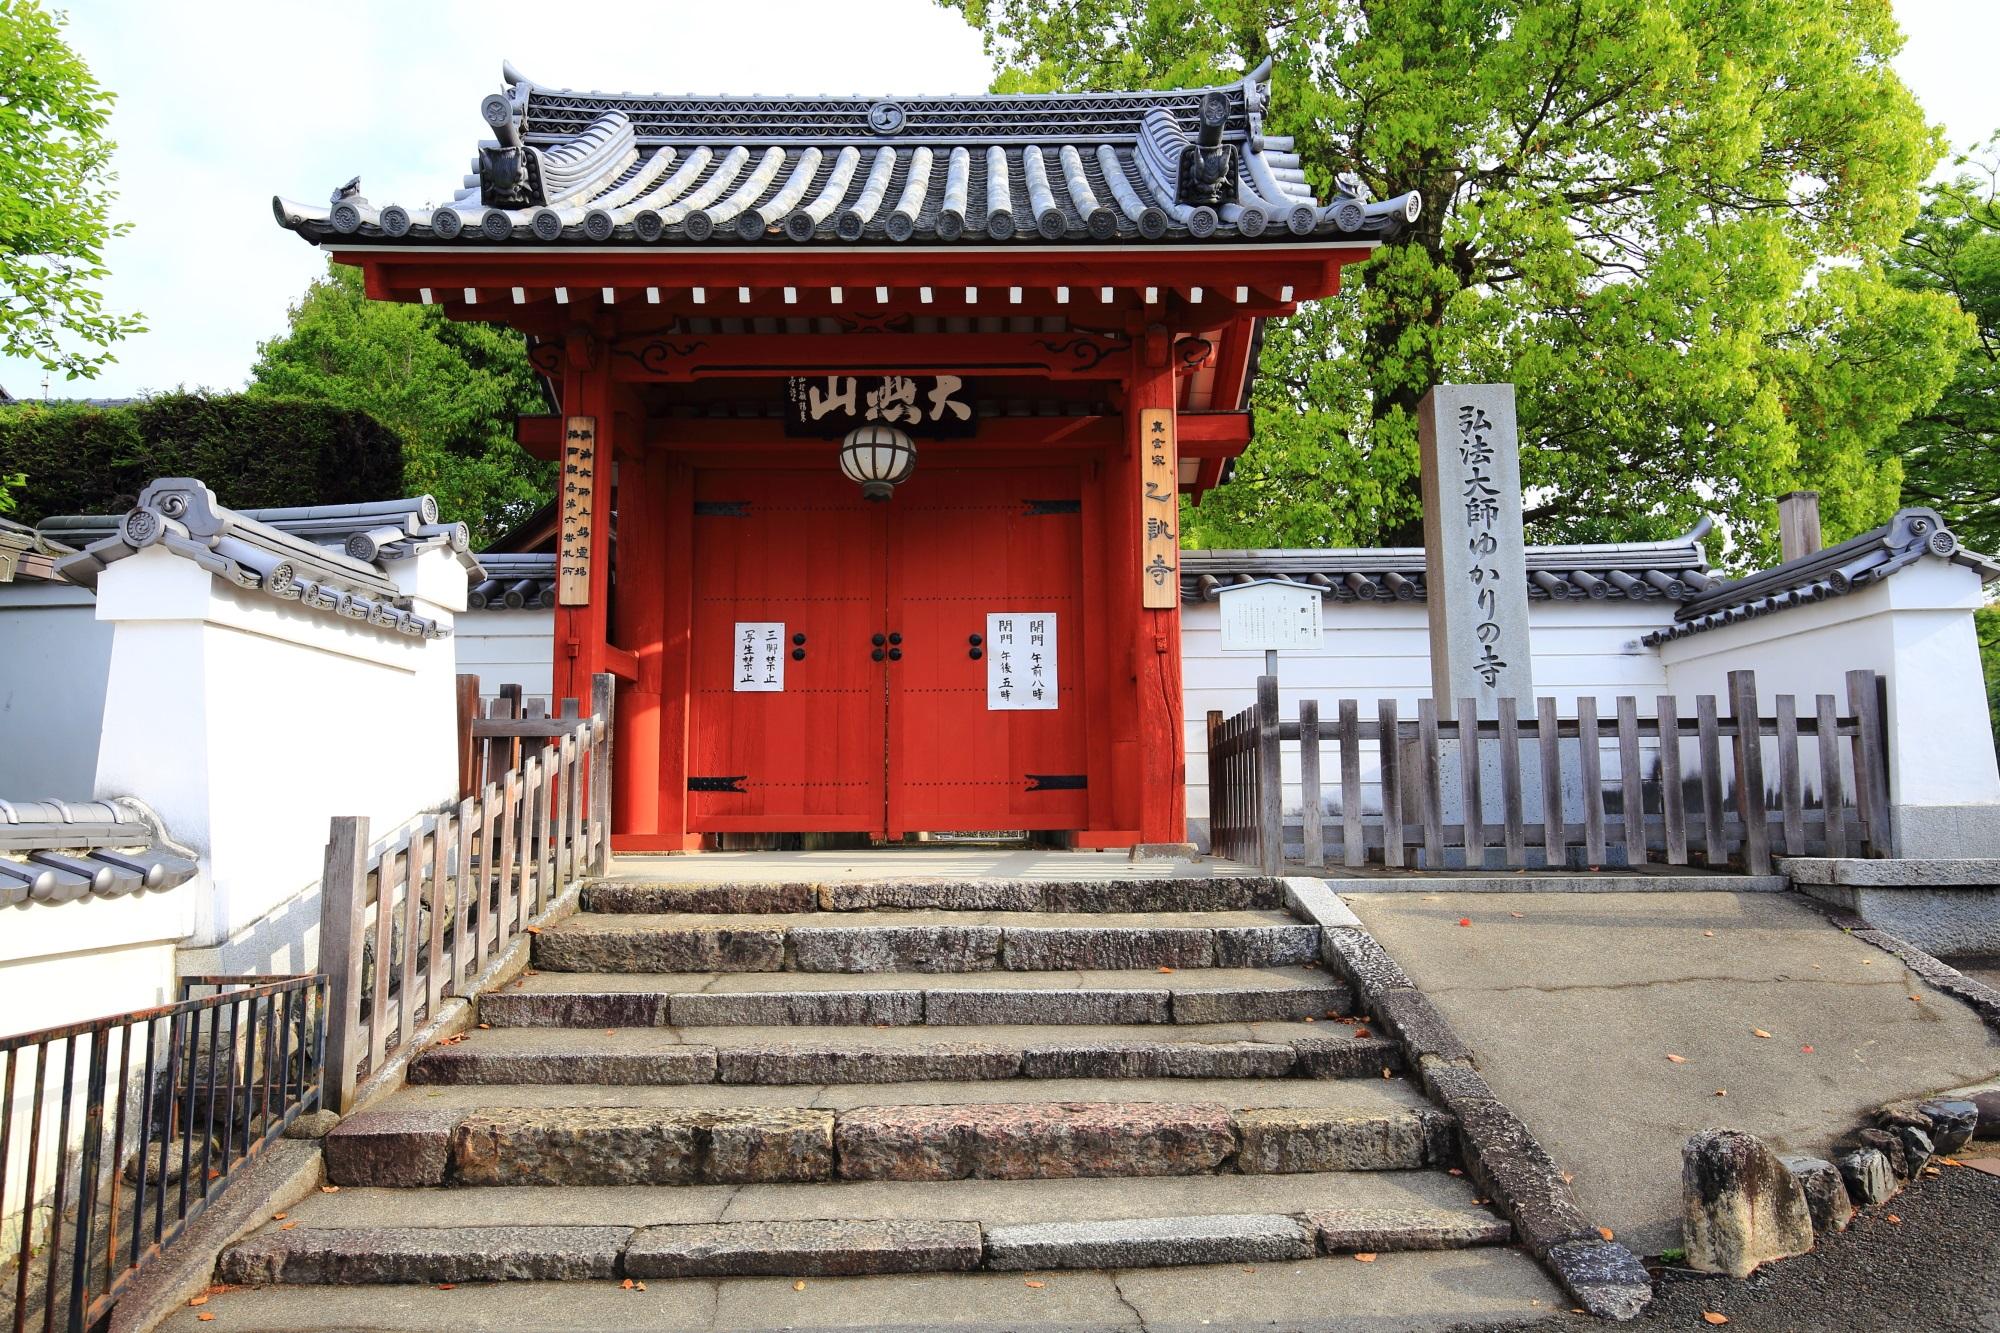 乙訓寺の赤門とも言われる赤い表門